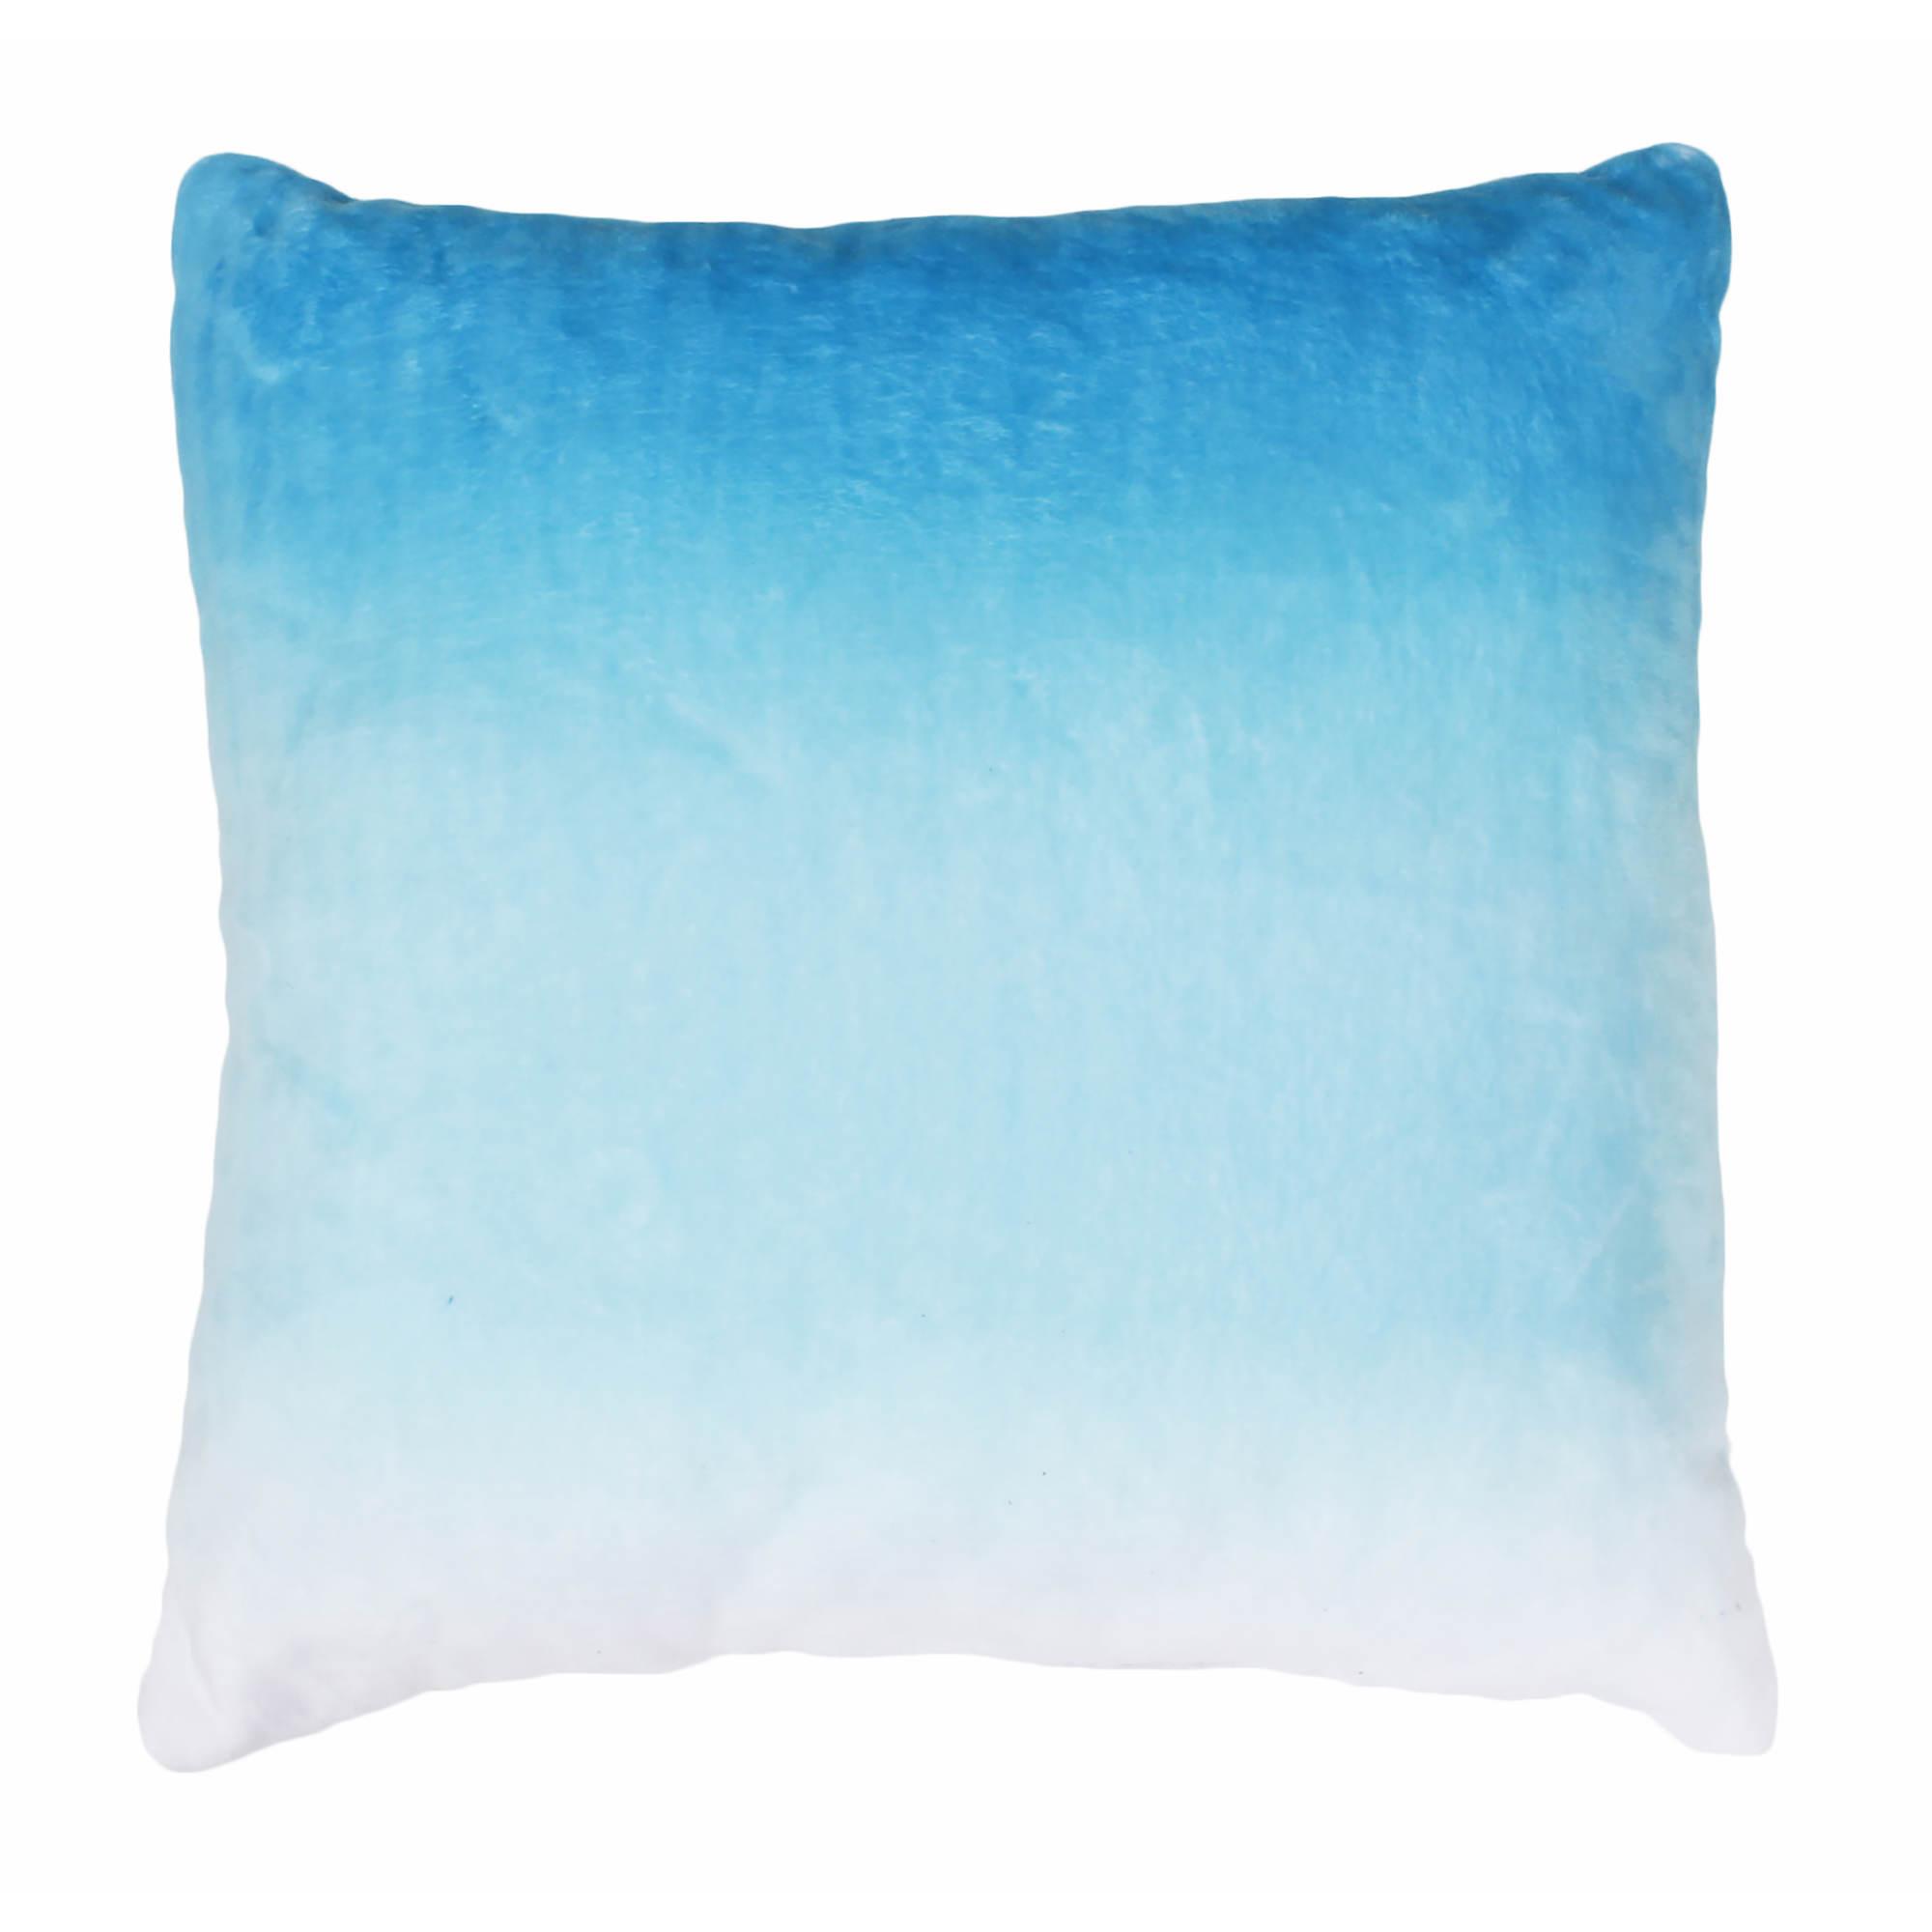 Plush Fleece Decorative Pillow - Assorted - BJ s Wholesale Club